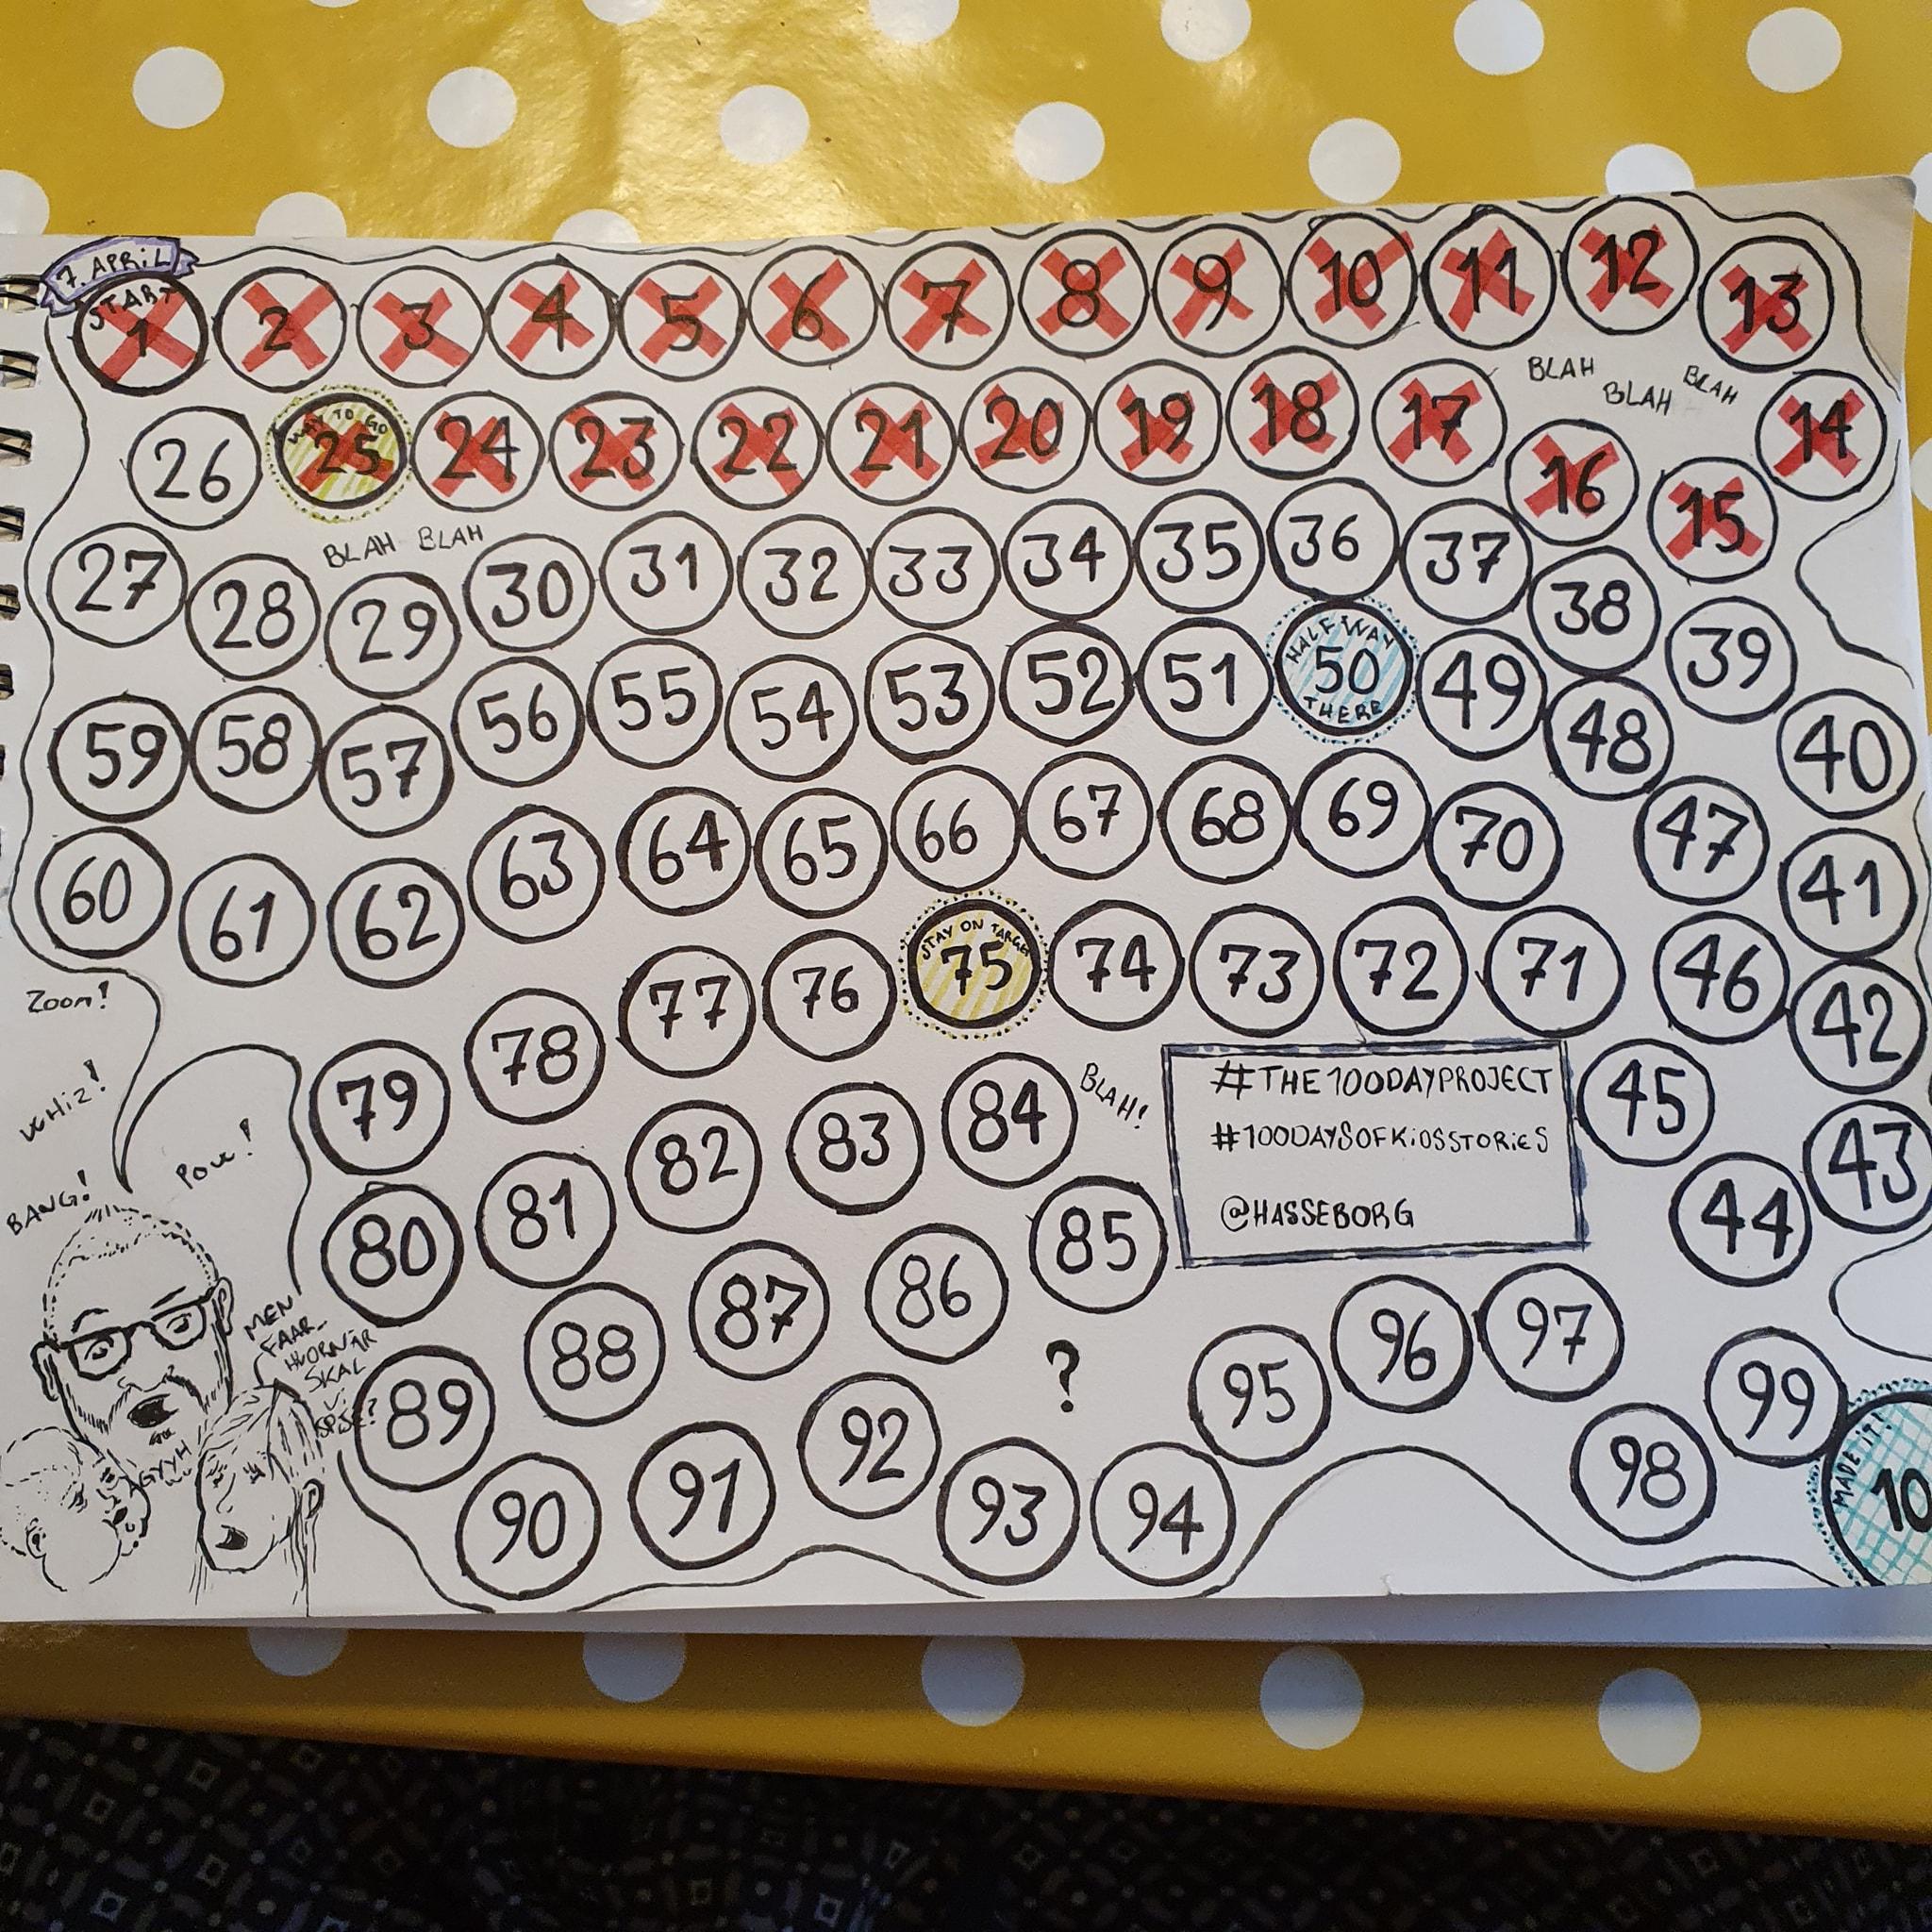 Jeg lavede et skema med 100 små cirkler, som jeg krydsede af, efterhånden som jeg fik lavet indlæg til projektet.